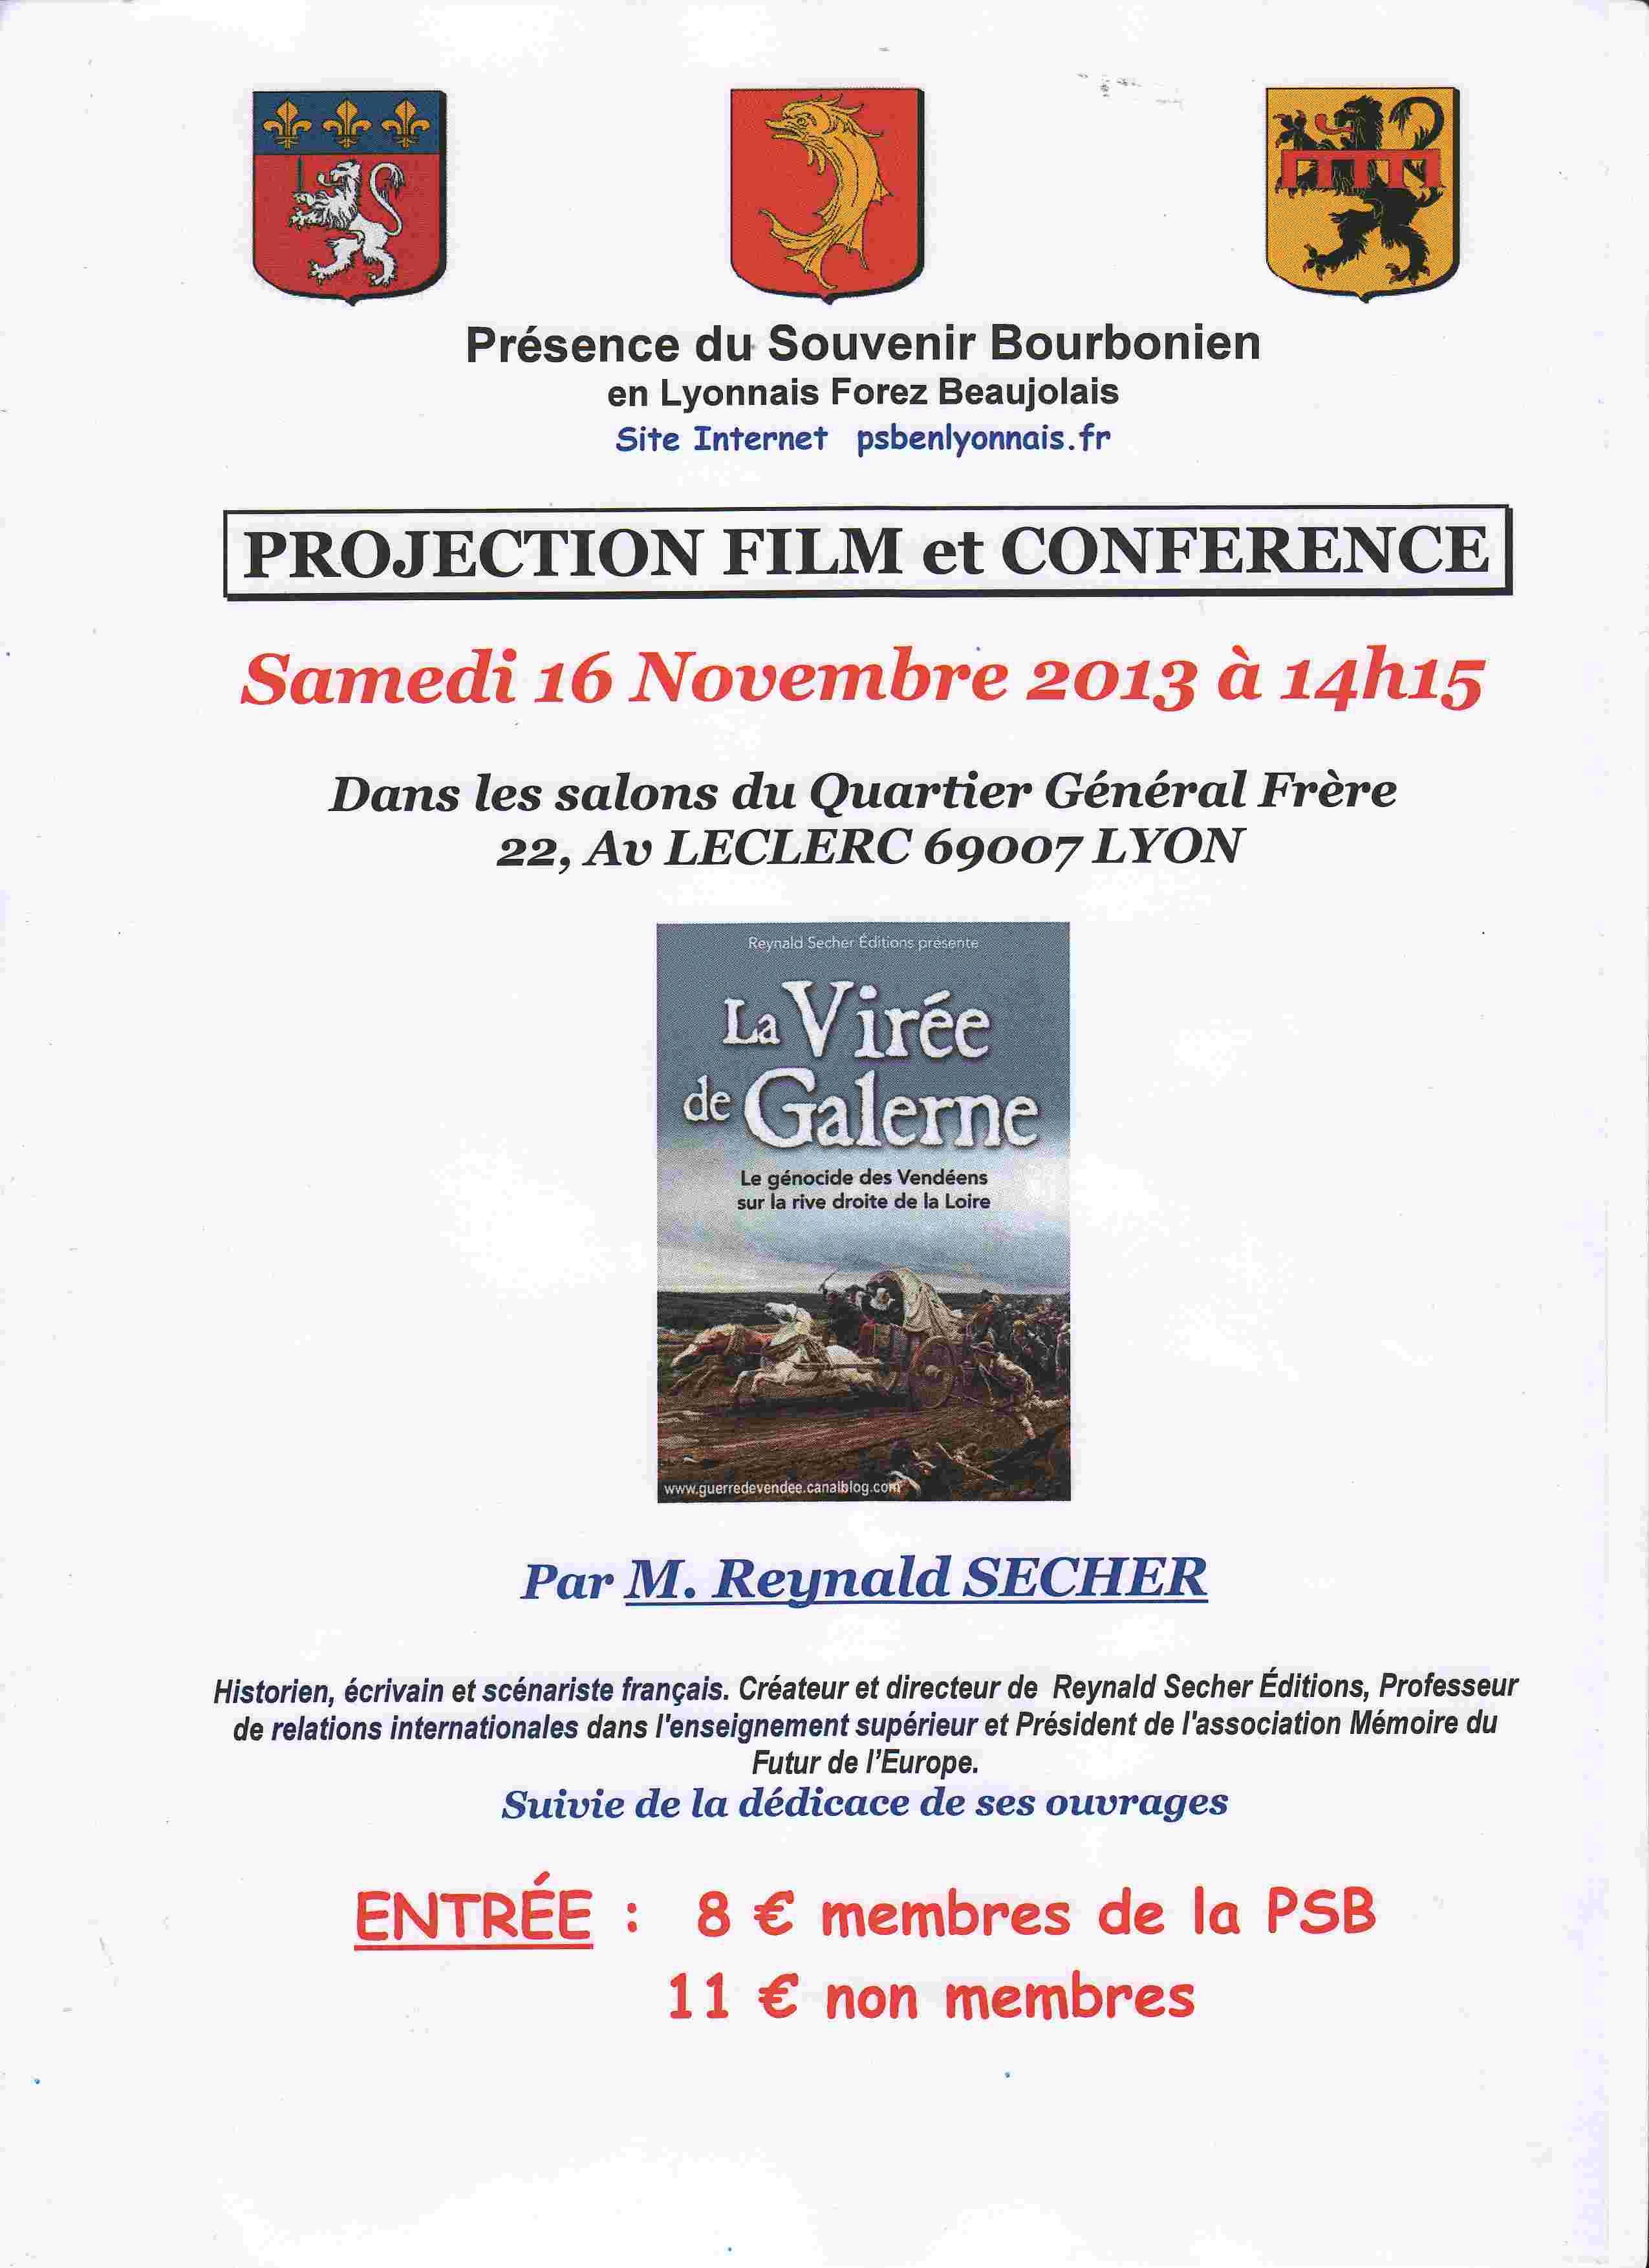 La-viree-de-Galerne3